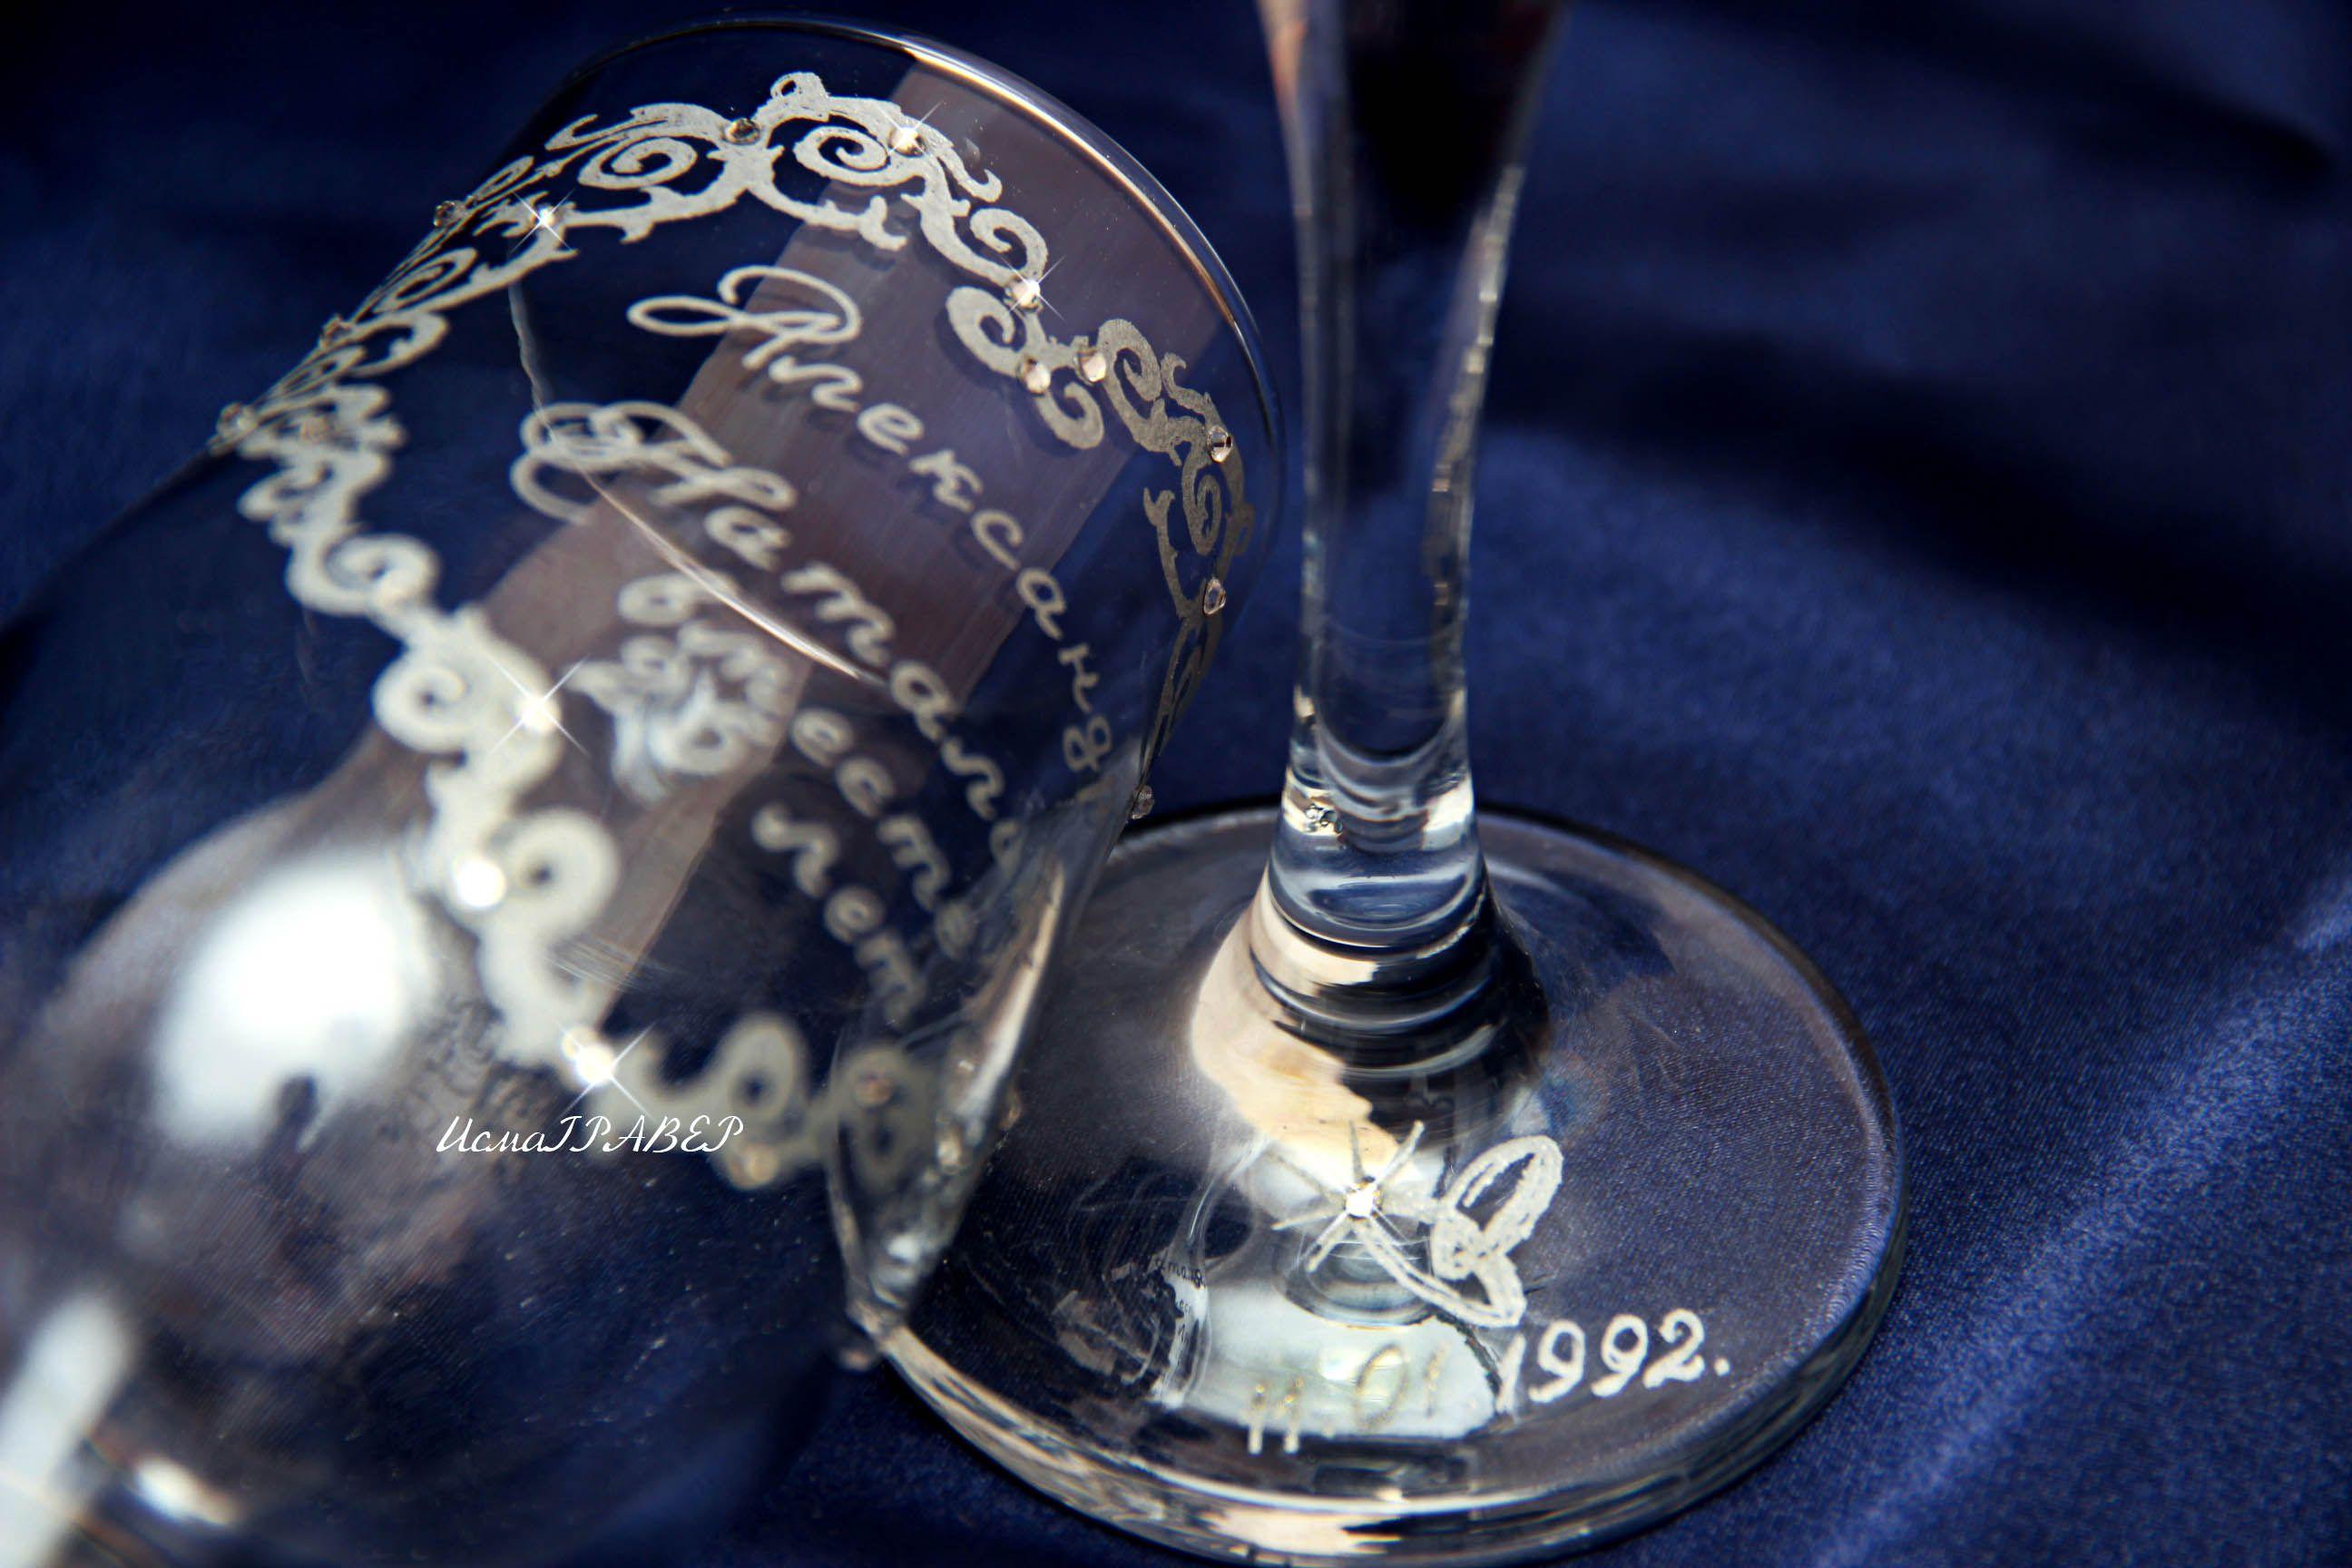 ручнаягравировка ювелирнаяработа годовщинасвадьбы серебрянаясвадьба подарокродителям handmade подарки молодожены бокалы гравировка гравировканастекле именныебокалы годовщина свадьба ручнаяработа исмагравер амелия гравировкапостеклу подарок